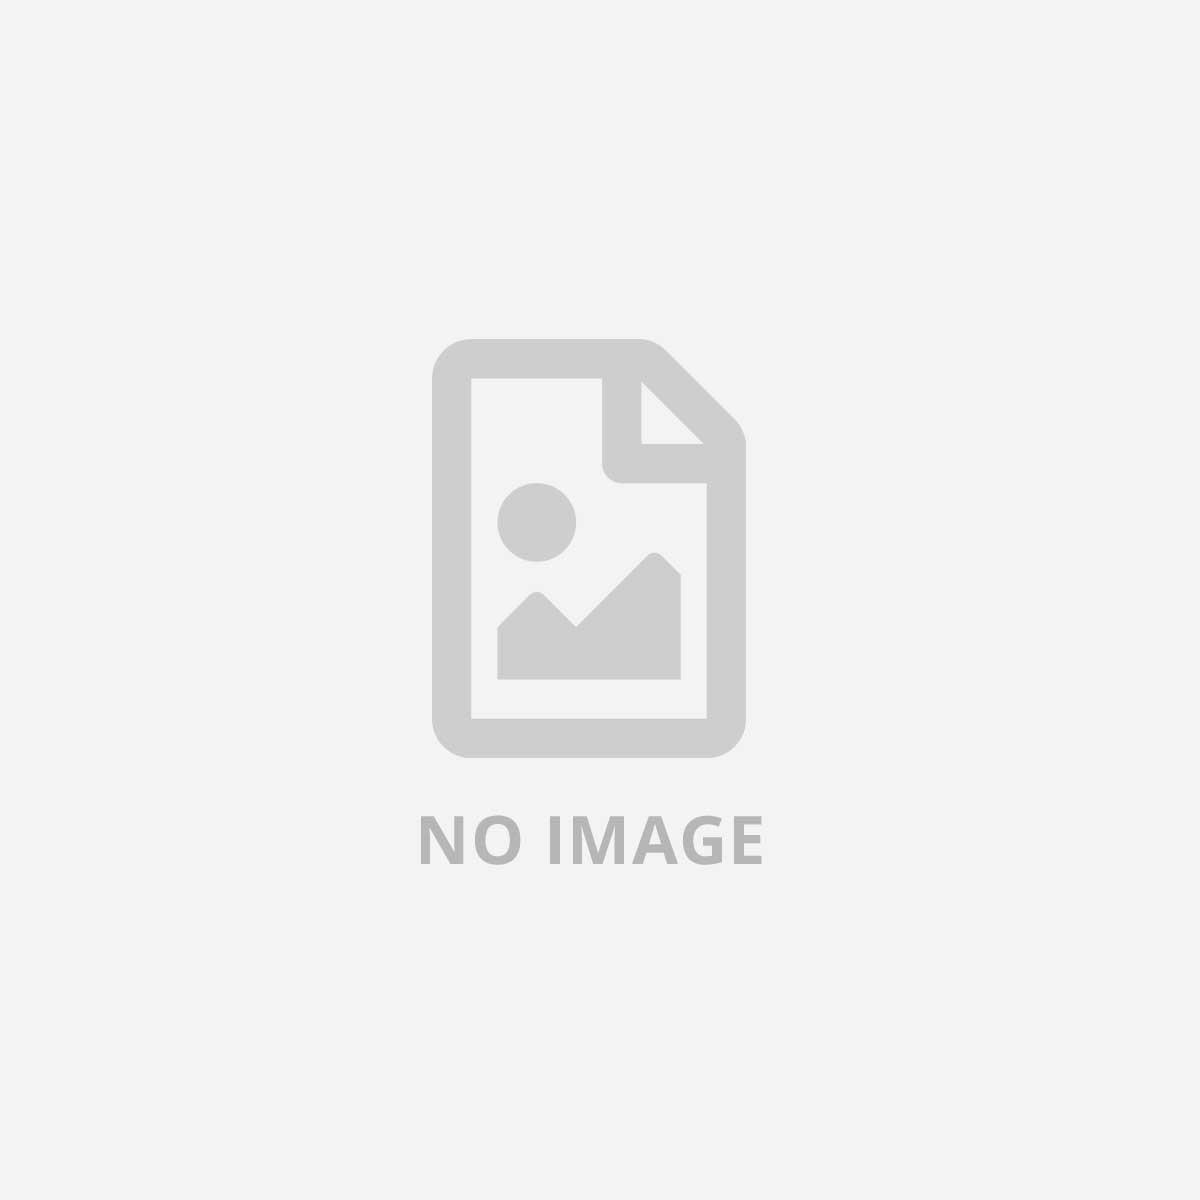 LENOVO P330 XEON E-2124G 8 GB 1 TB P620